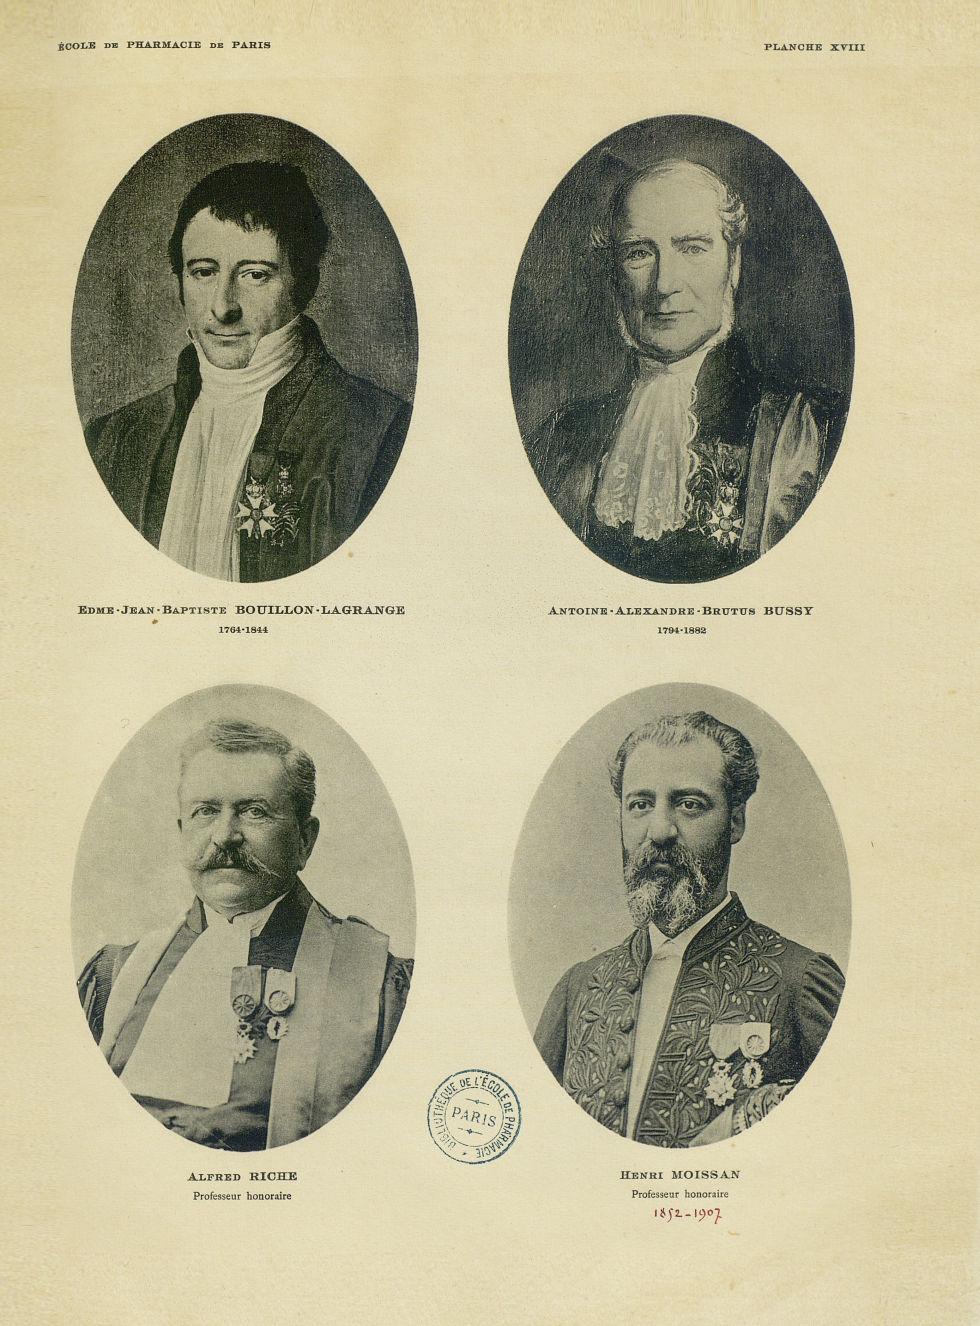 Edme-Jean-Baptiste Bouillon-Lagrange 1764-1844 / Antoine-Alexandre-Brutus Bussy 1794-1882 / Alfred R [...] -  - medpharma_006465x0339